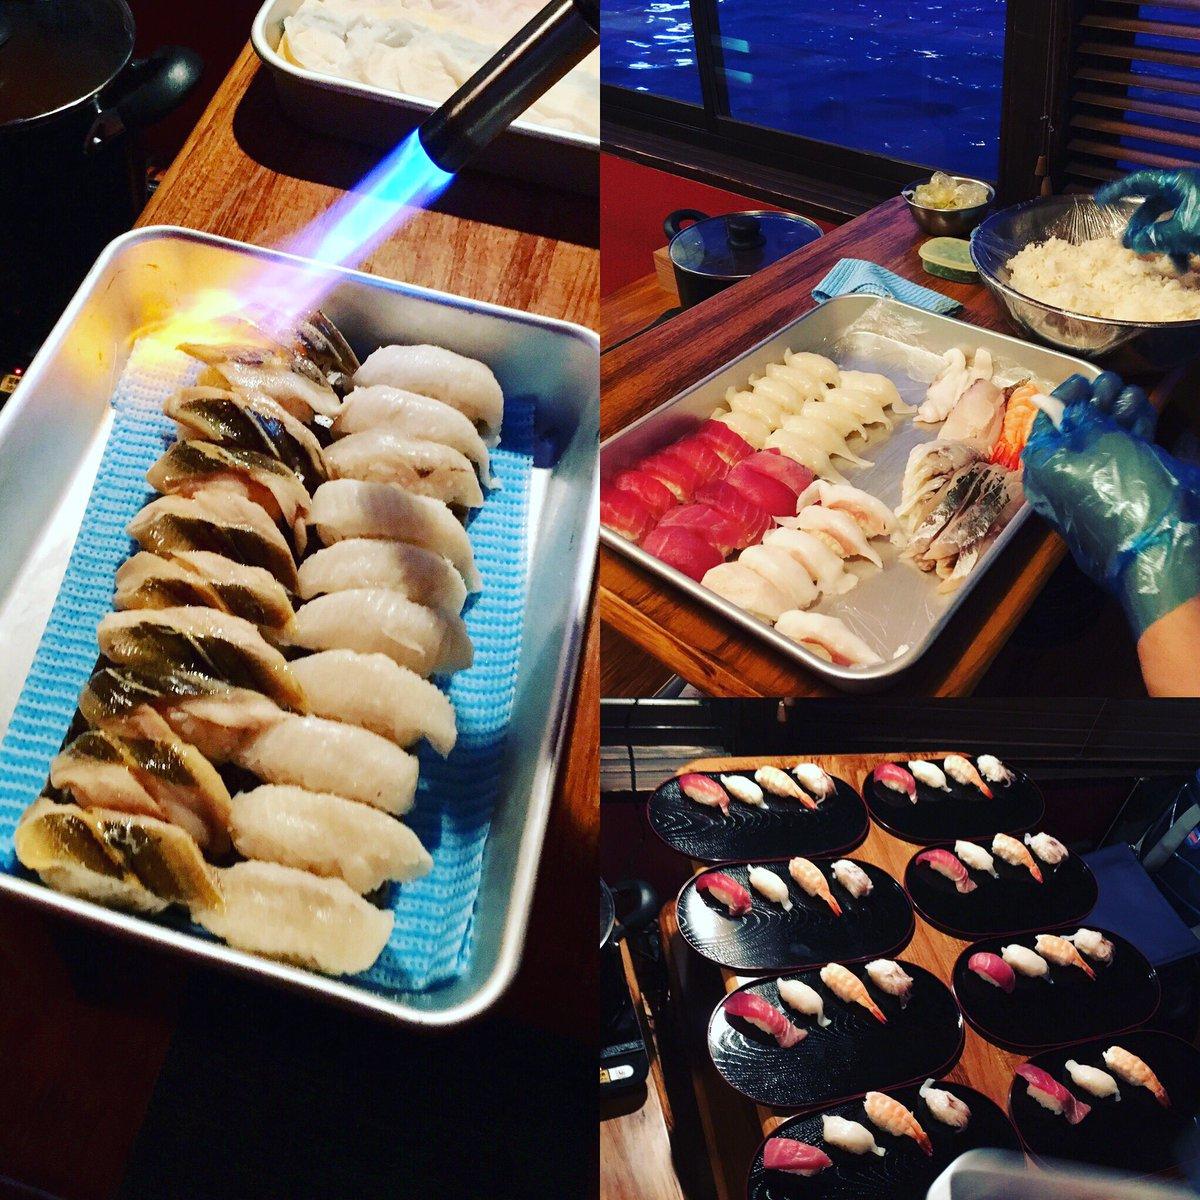 test ツイッターメディア - 昨年から夢観月でもお世話になっている、お一人様2000円で出張してくれる寿司職人が、とても好評で寿司職人のスケジュールで予約の日程が決まる。。。 #寿司 #出張 #味噌汁付き https://t.co/h66xTXu1WF